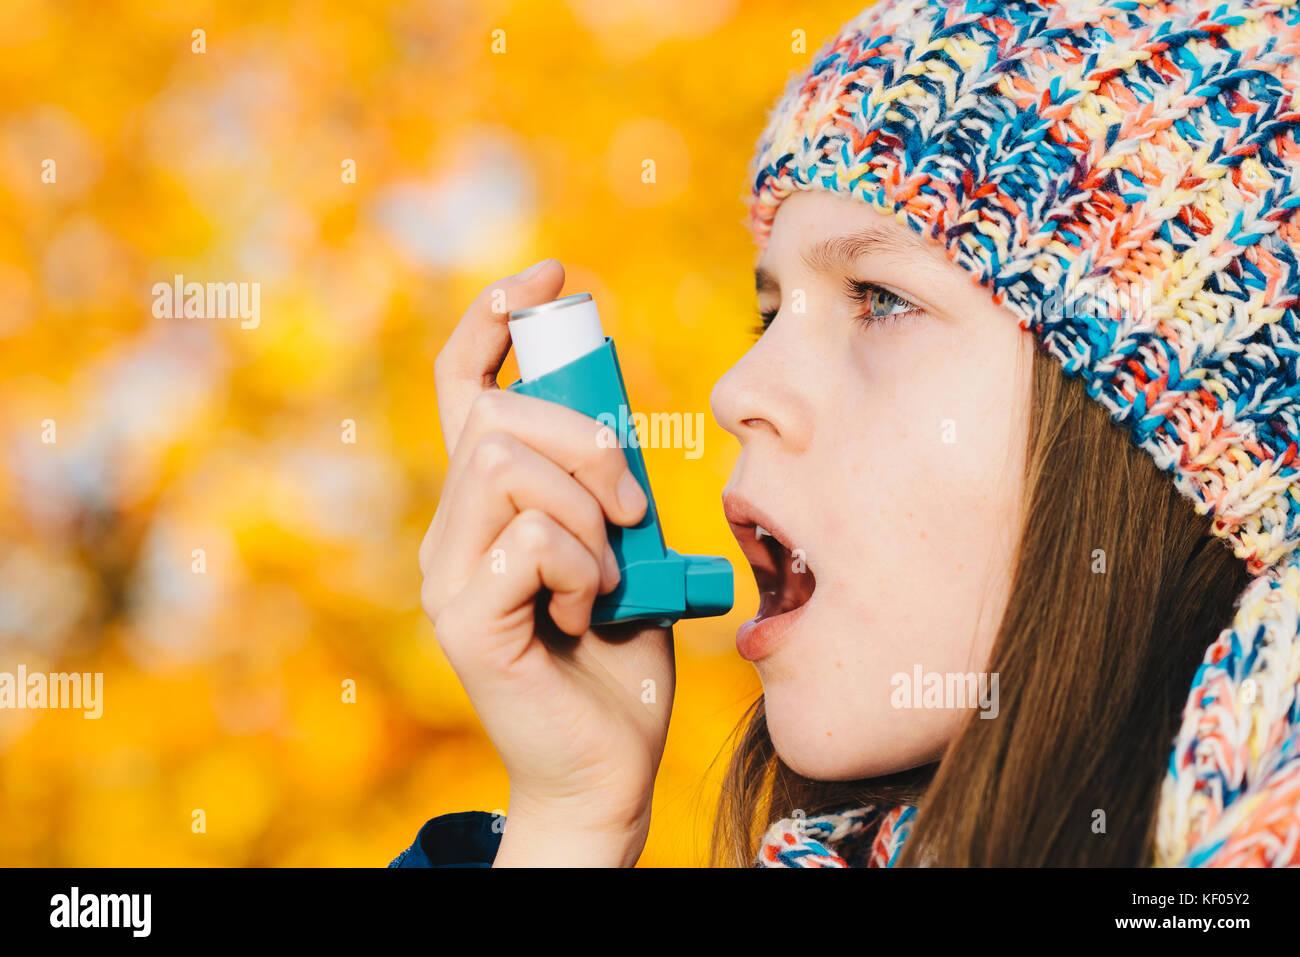 Junges Mädchen mit Asthma Inhalator in einem Park - chronische Krankheit, Allergie Remedy verursachtes Asthma Stockbild